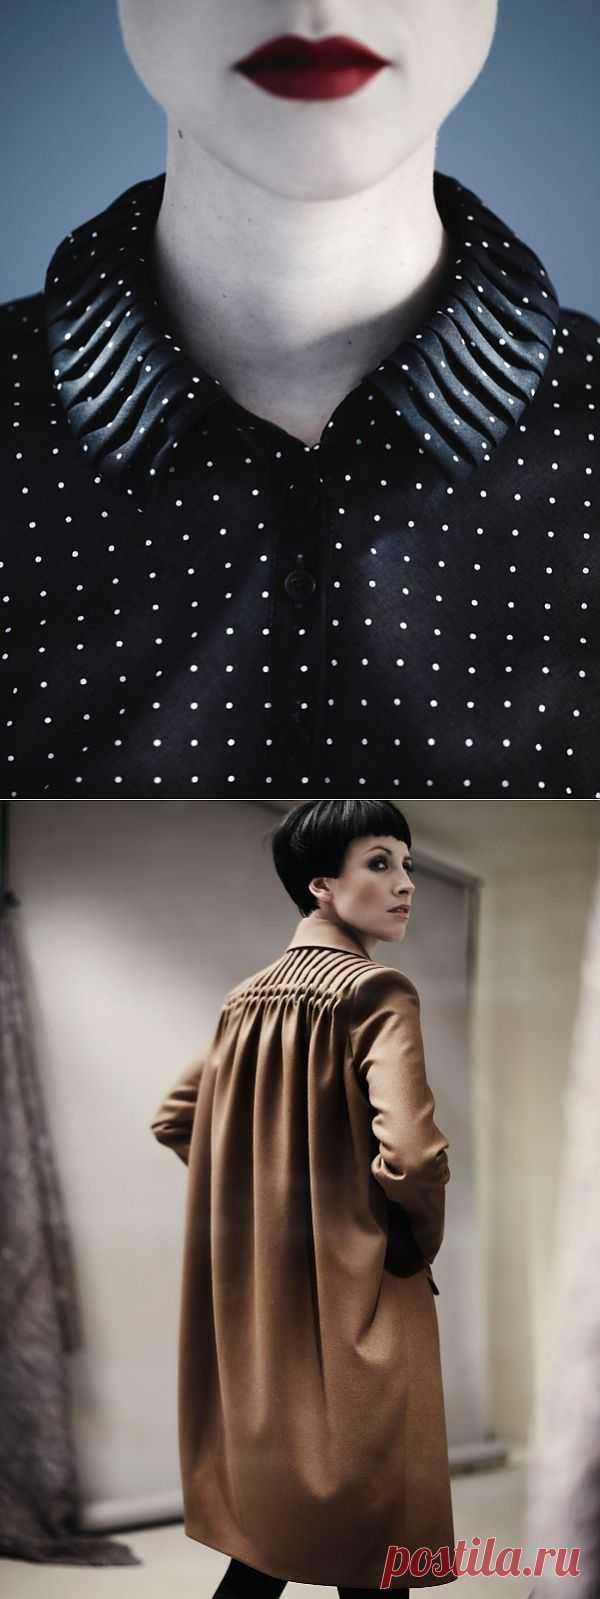 Детали из коллекций aéthérée (подборка с сайта) / Детали / Модный сайт о стильной переделке одежды и интерьера